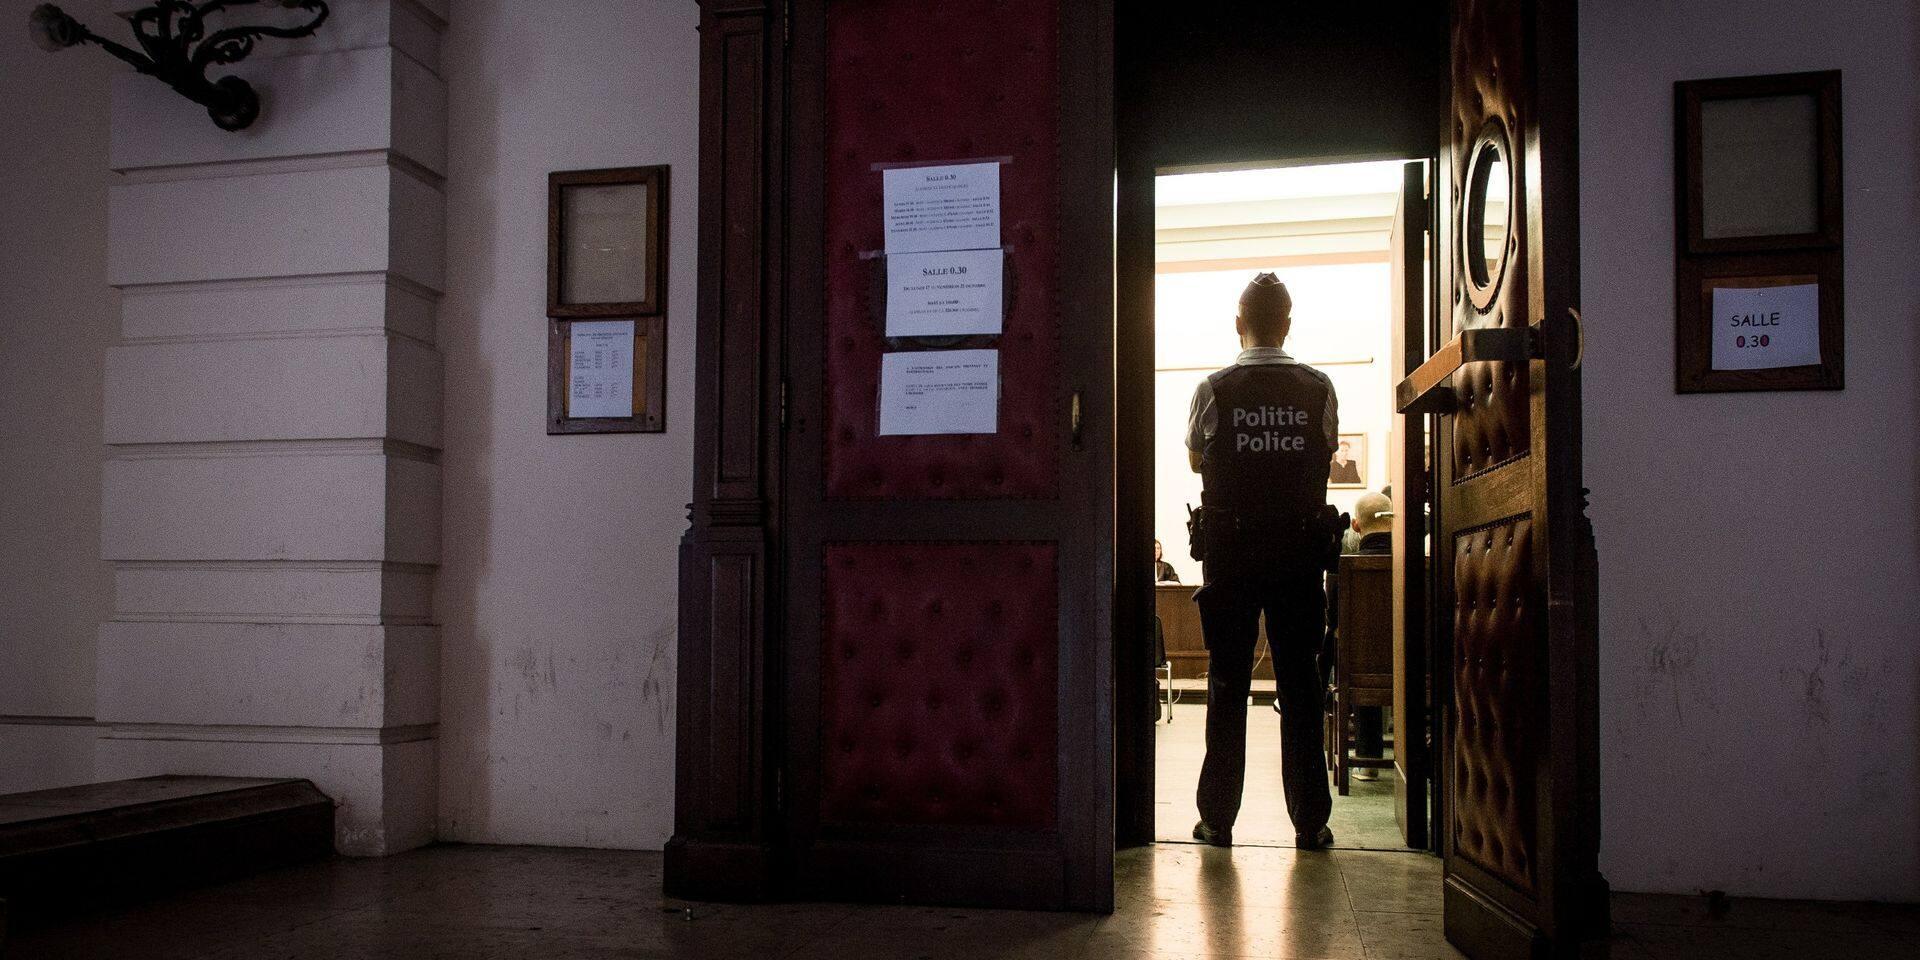 Tribunal correctionnel de Bruxelles : six mois de prison pour avoir agressé sa demi-sœur